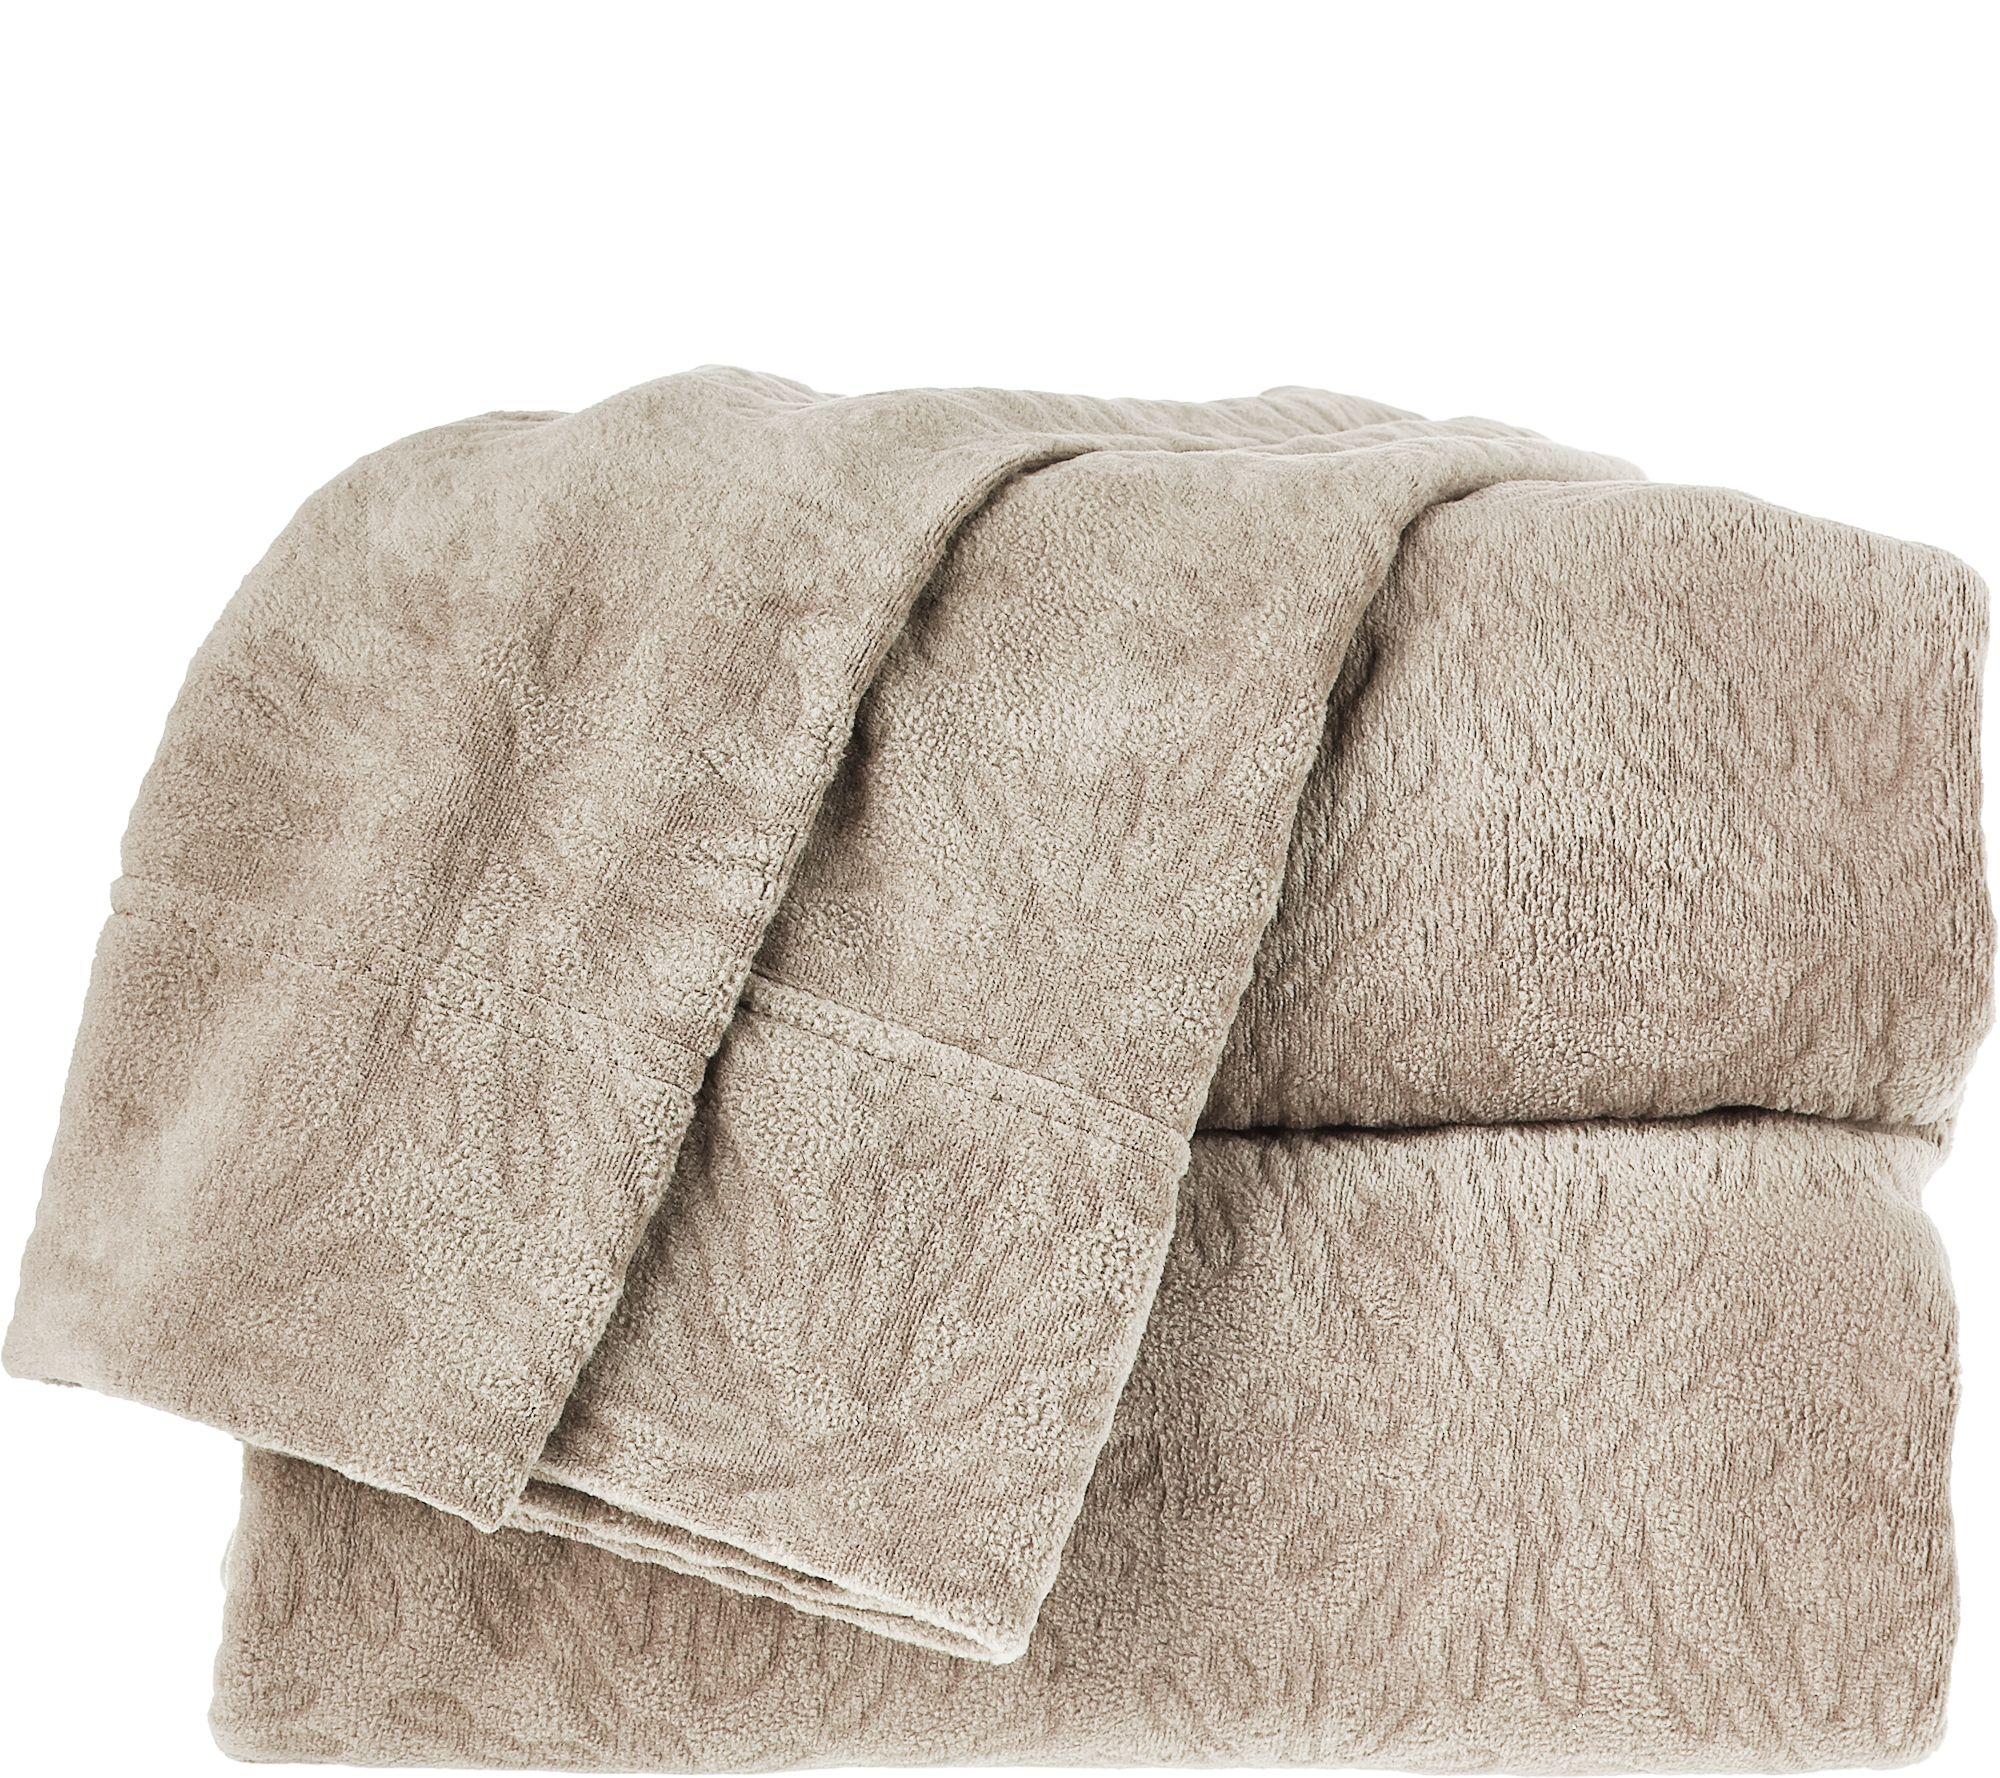 Malden Mills Polar Fleece Mum Laser Cut King Sheet Set